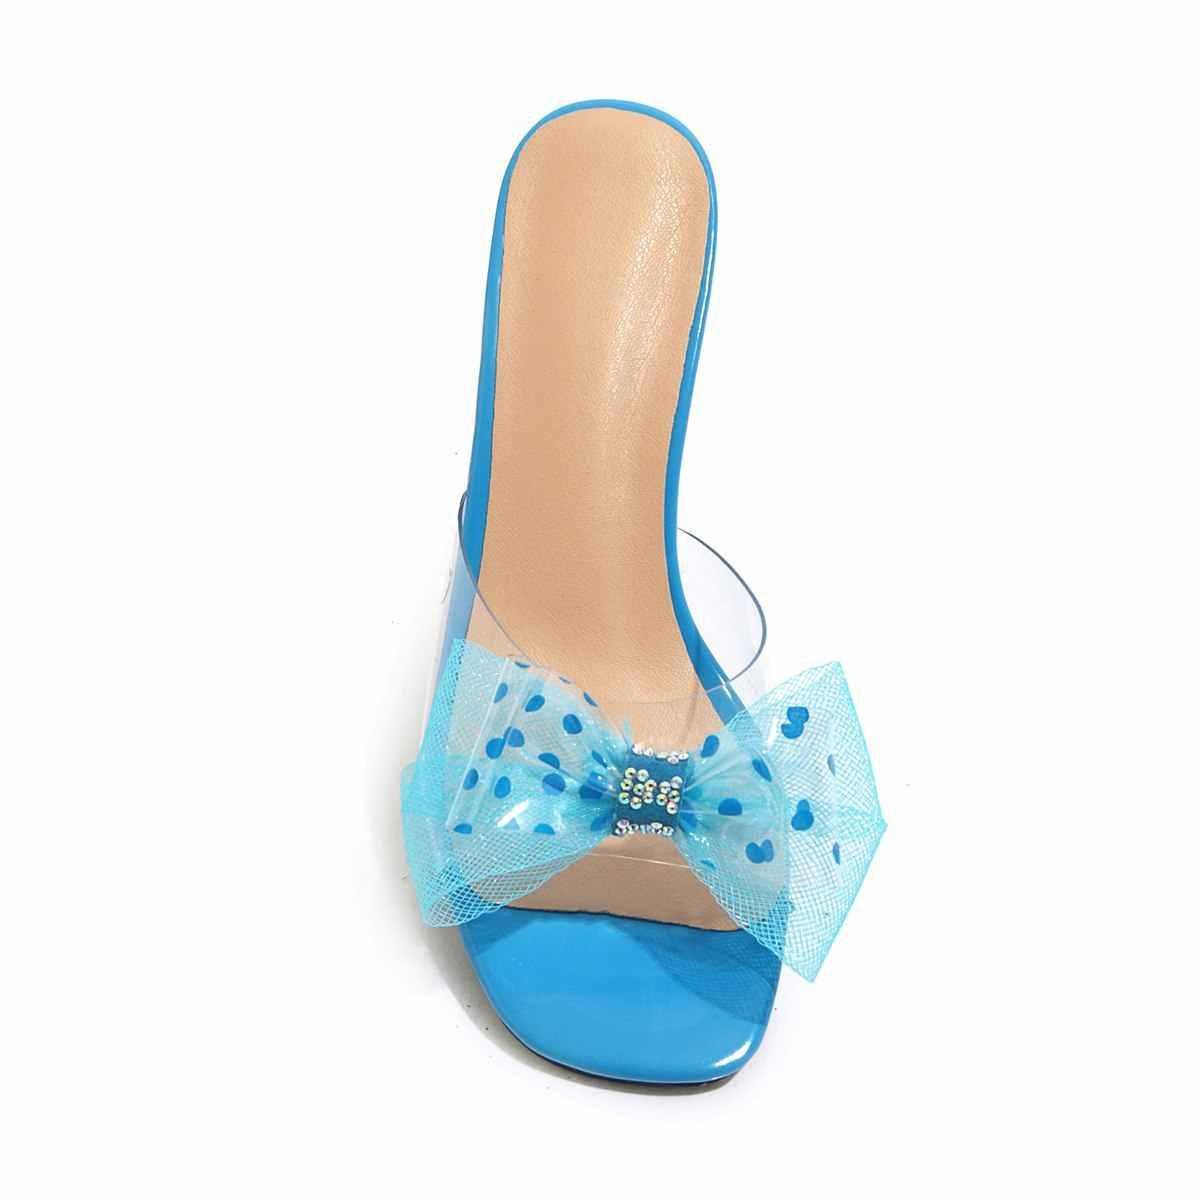 TXCNMB 靴の女性 2019 ファッション女性サンダル夏 pvc 透明スタイルのサンダルの女性スリッパセクシーな固体靴ビッグサイズ 42 9